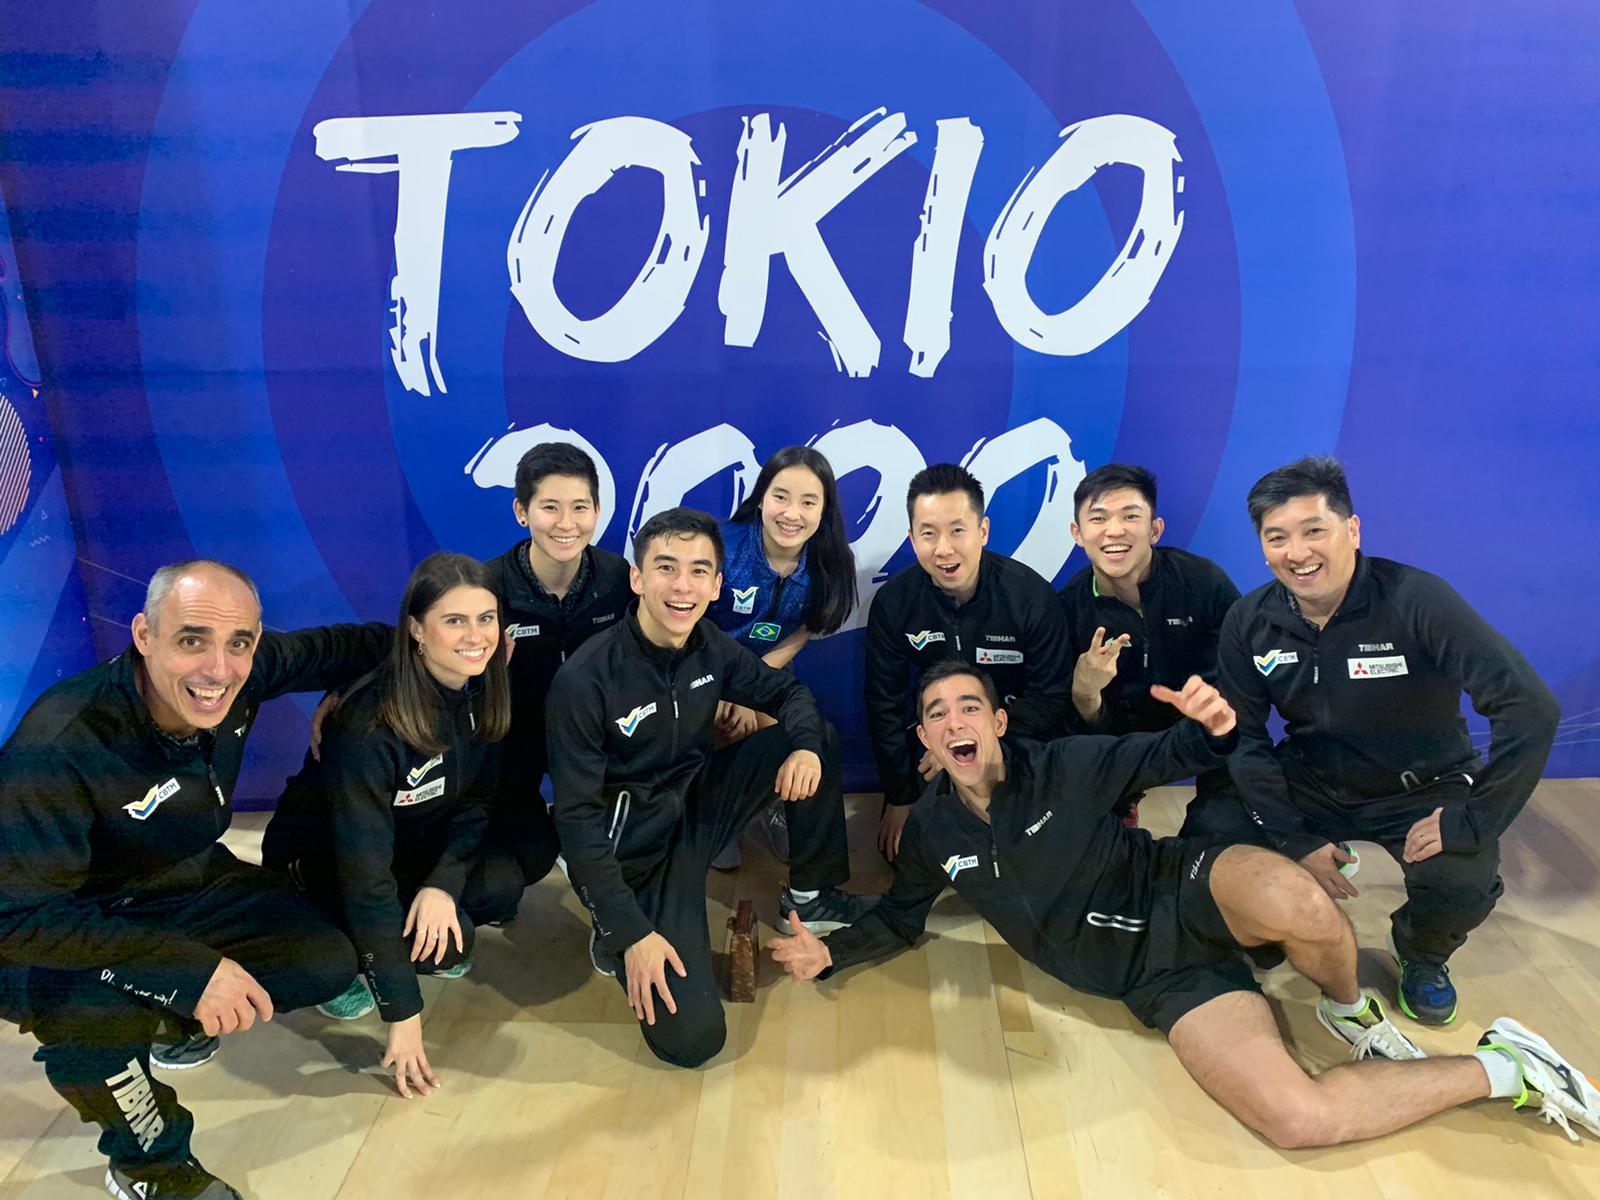 Seleções masculina e feminina no Pré-Olímpico por equipes (Crédito: Time Calderano)